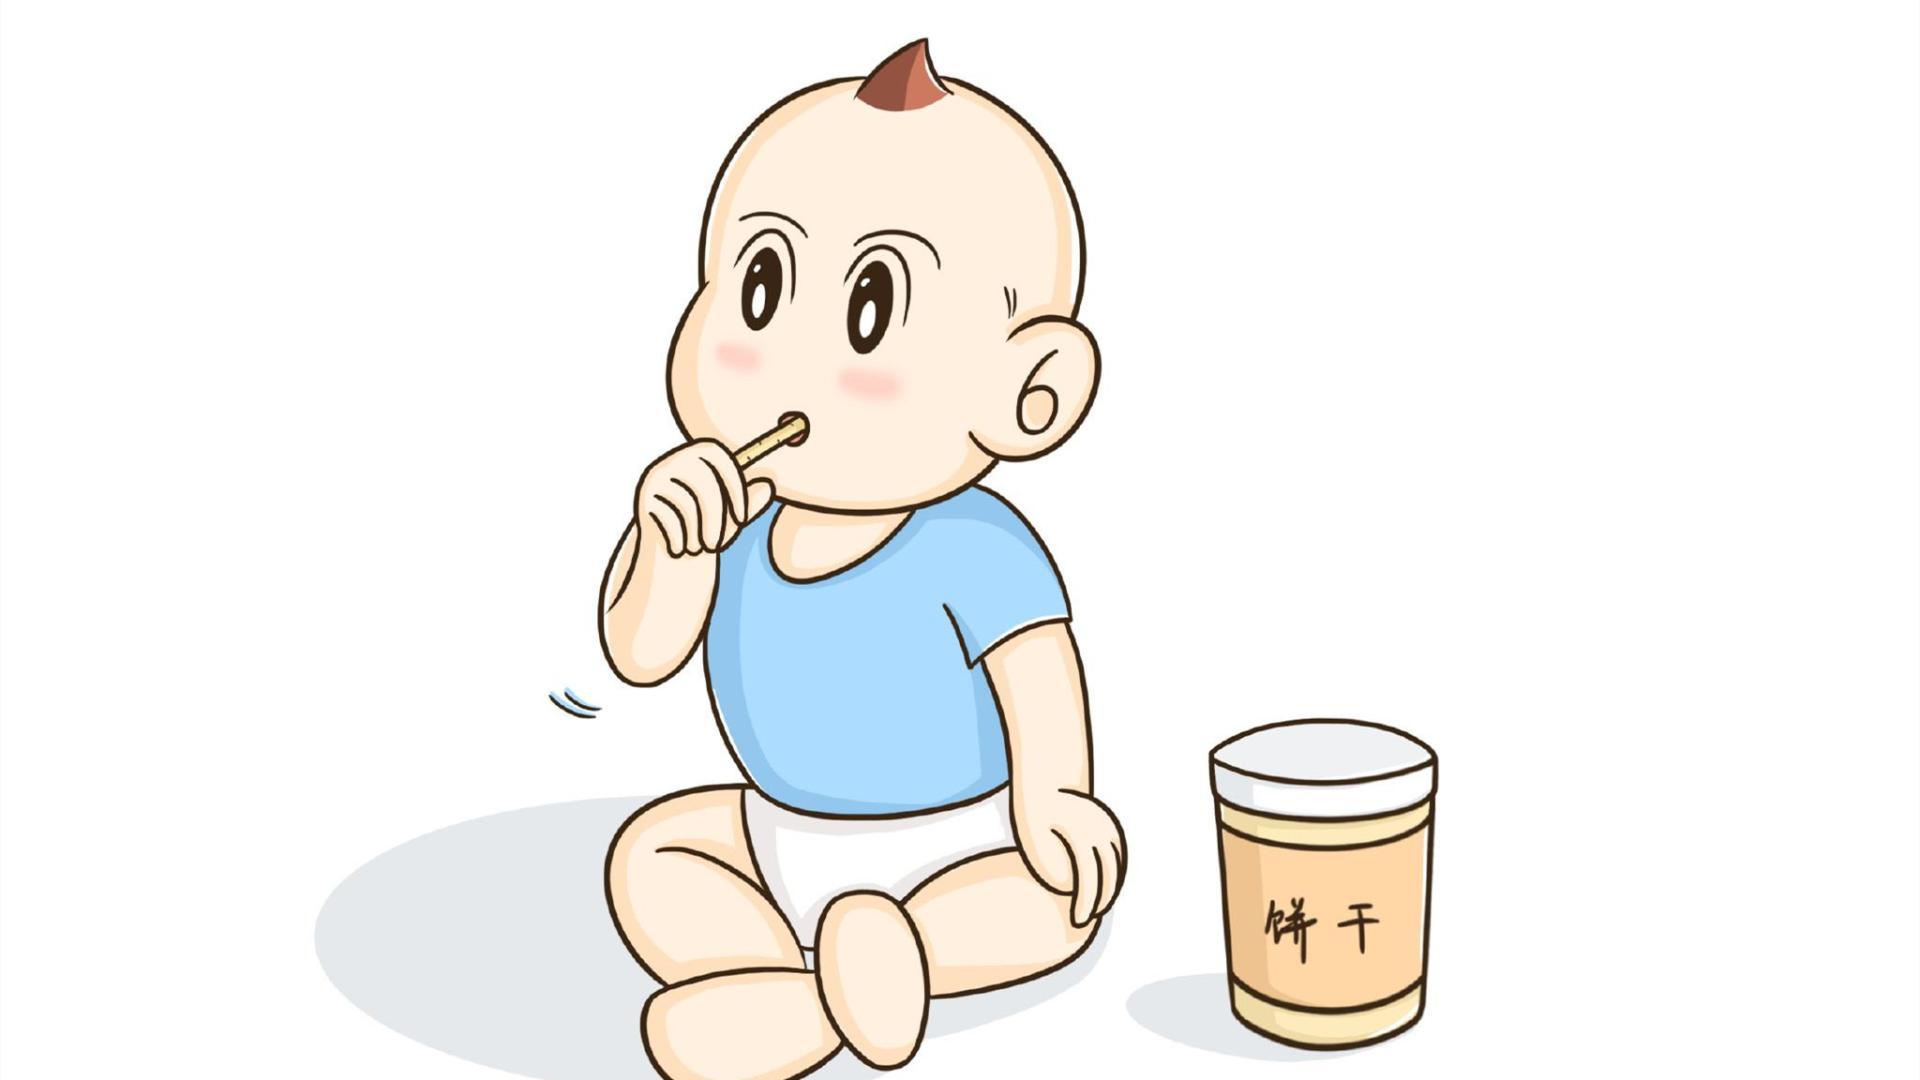 宝宝喝奶粉过敏,母乳量又不够,作为家长应该怎么做呢?